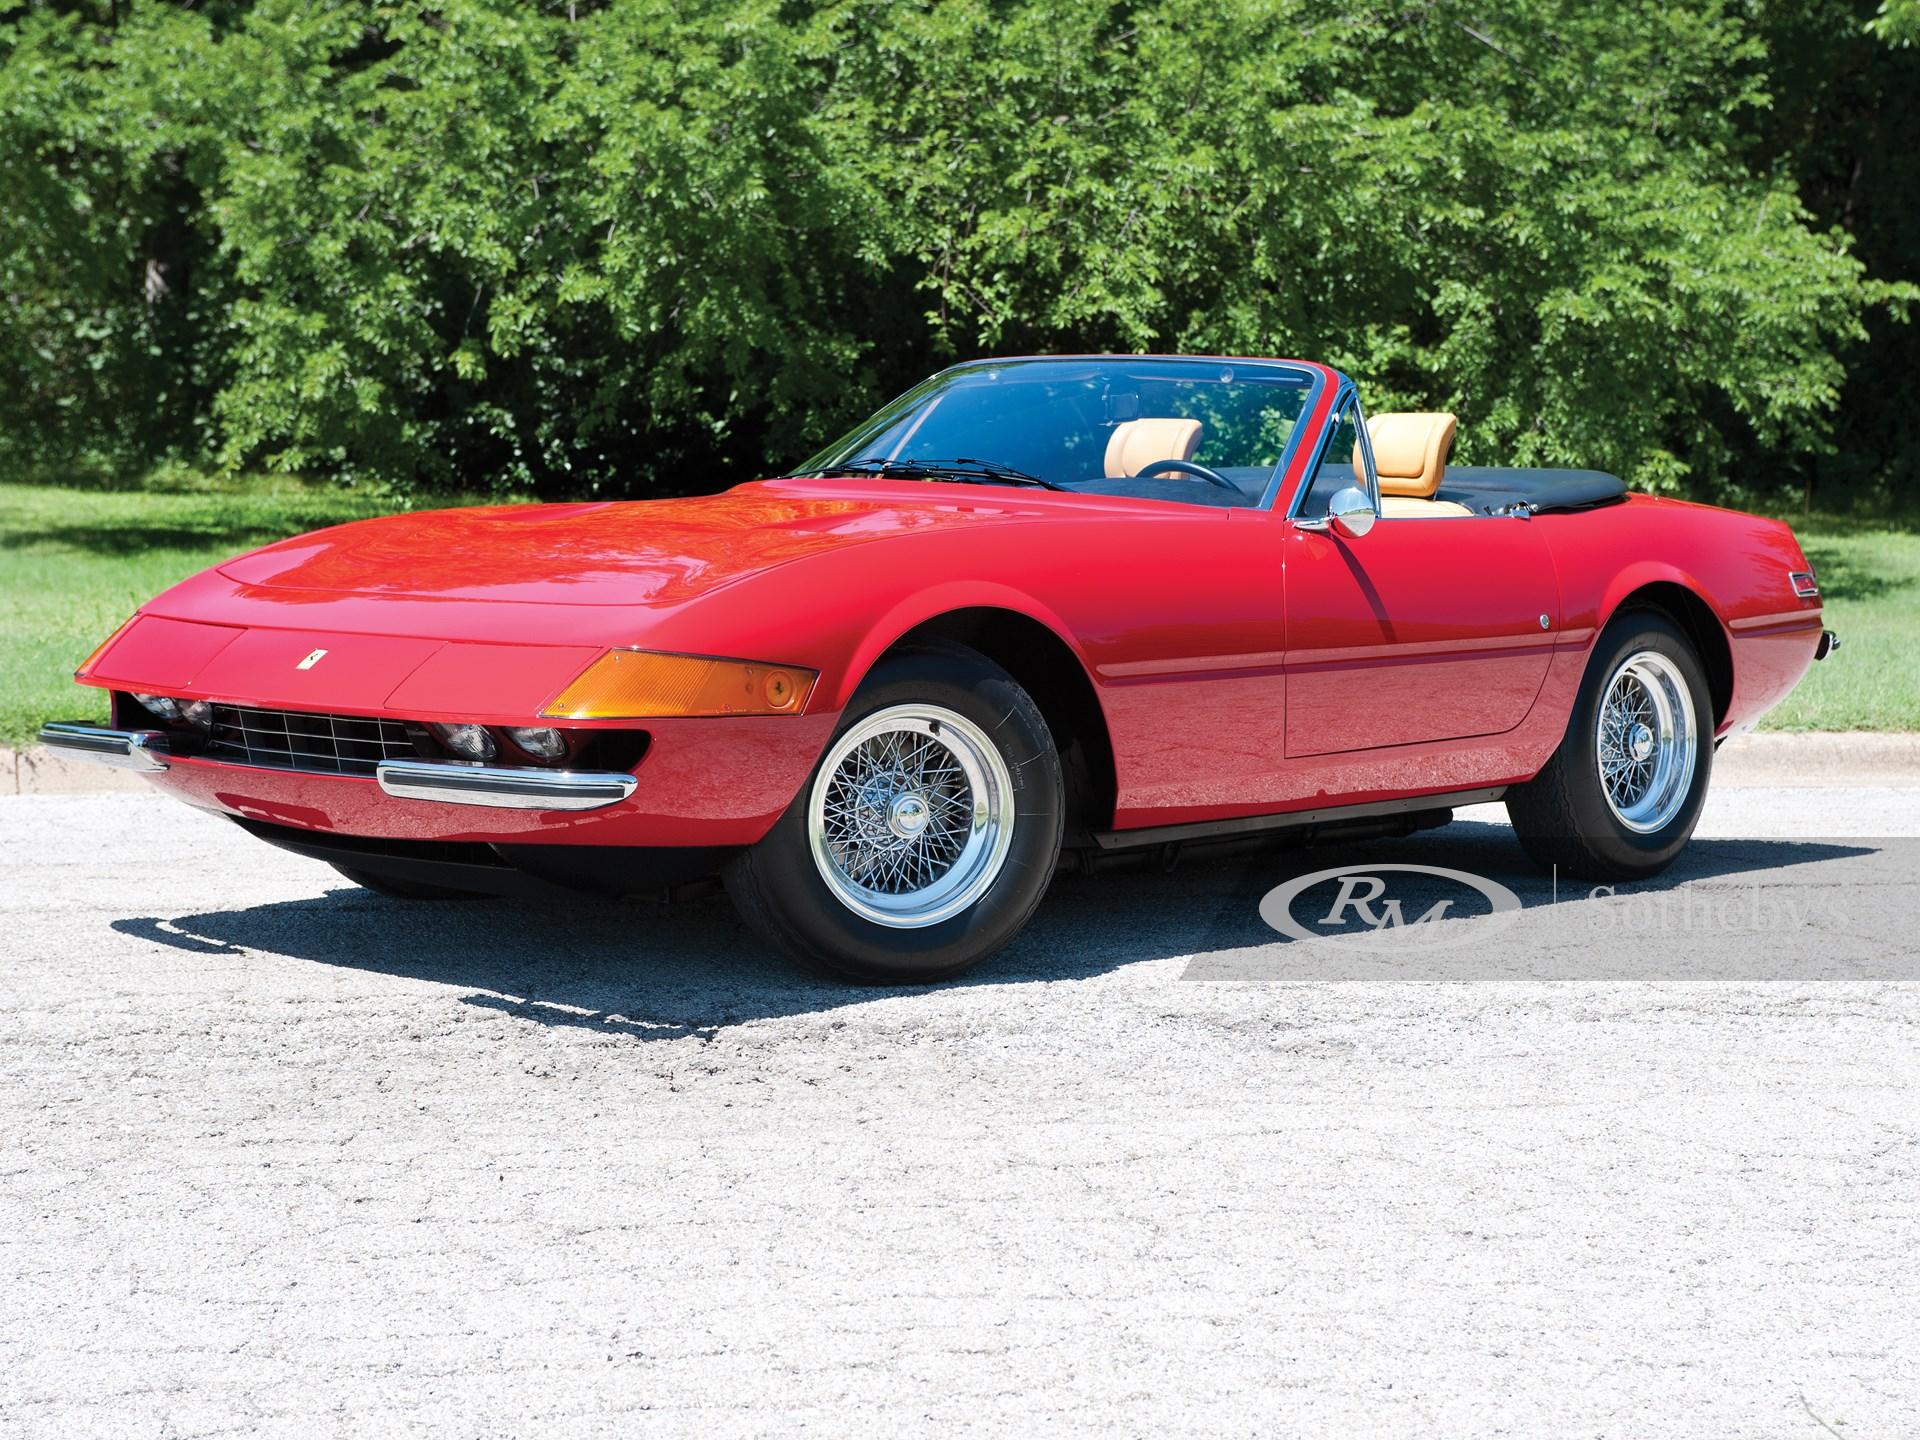 1973 Ferrari 365 Gtb 4 Daytona Spyder Monterey 2011 Rm Sotheby S